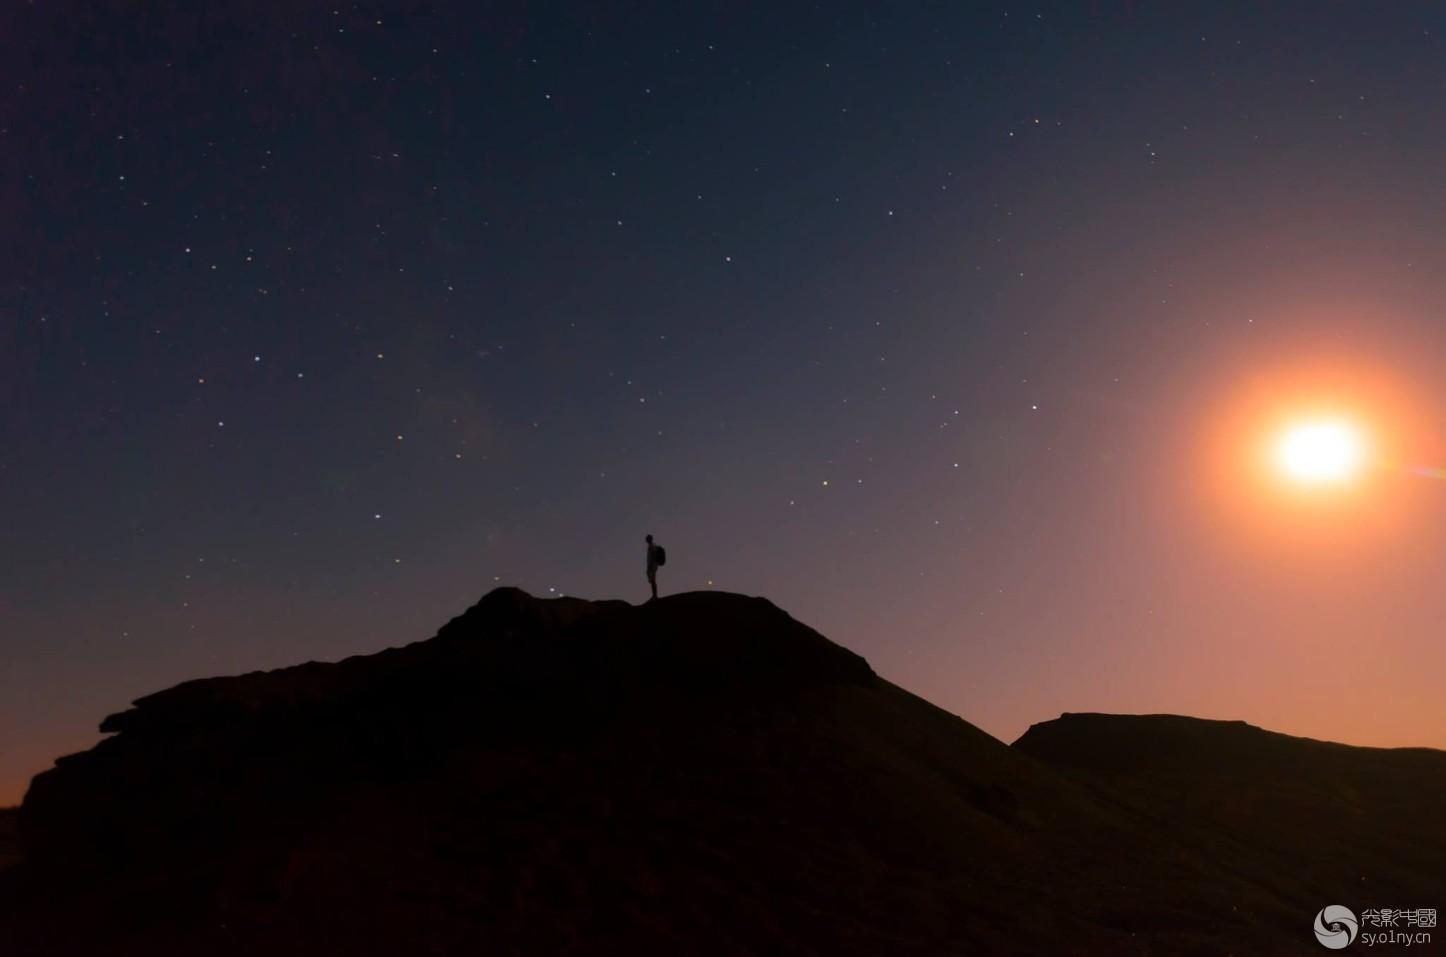 超震撼视觉的星空摄影 暗夜里的星光之旅(上)